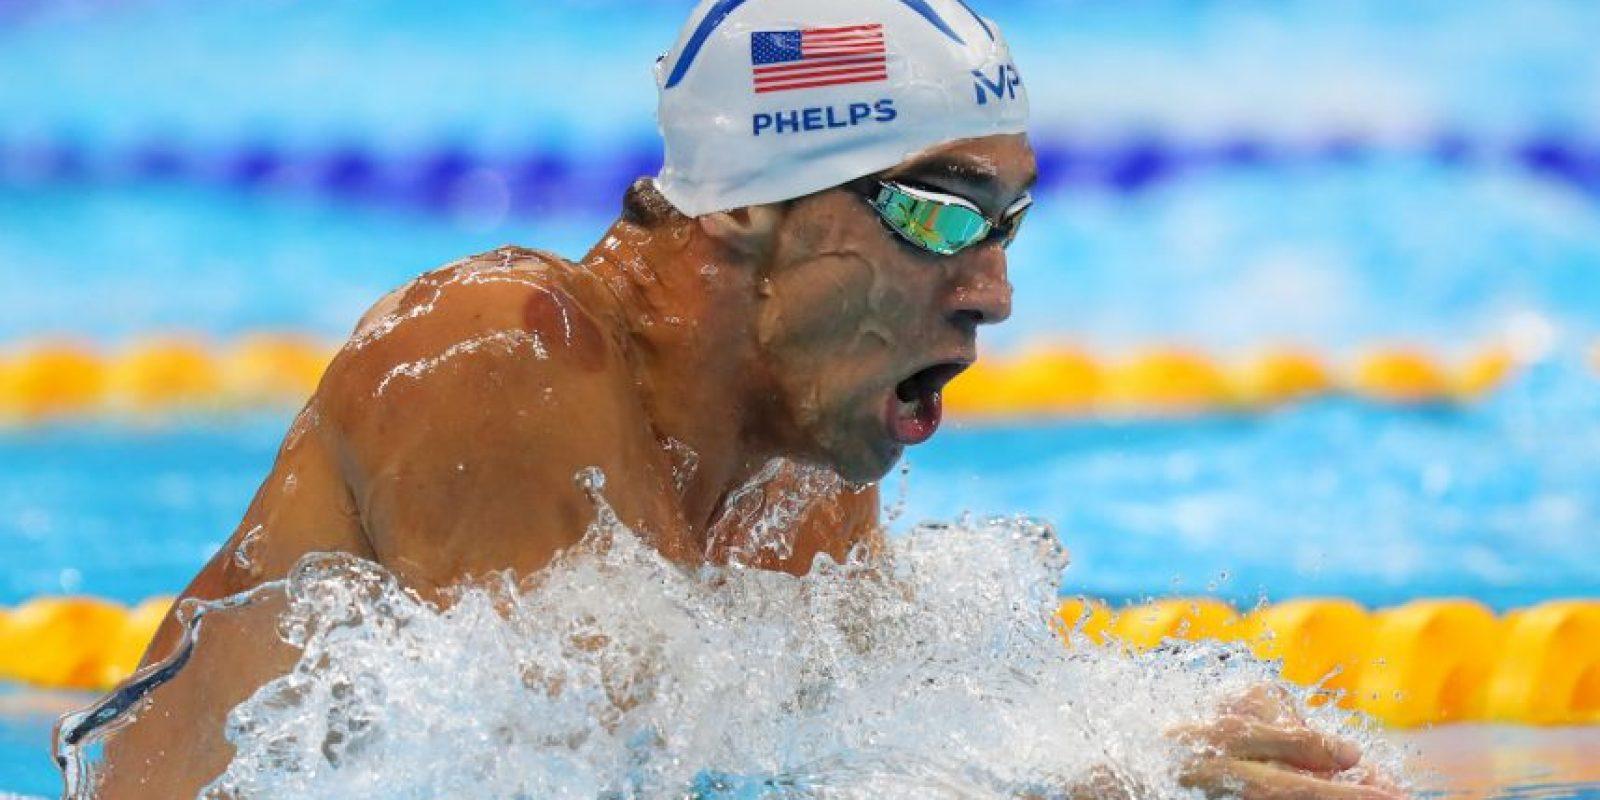 """El """"Tiburón de Baltimore"""" supera a 93 países que han obtenido medallas en la historia de los Juegos Olímpicos modernos Foto:Getty Images"""